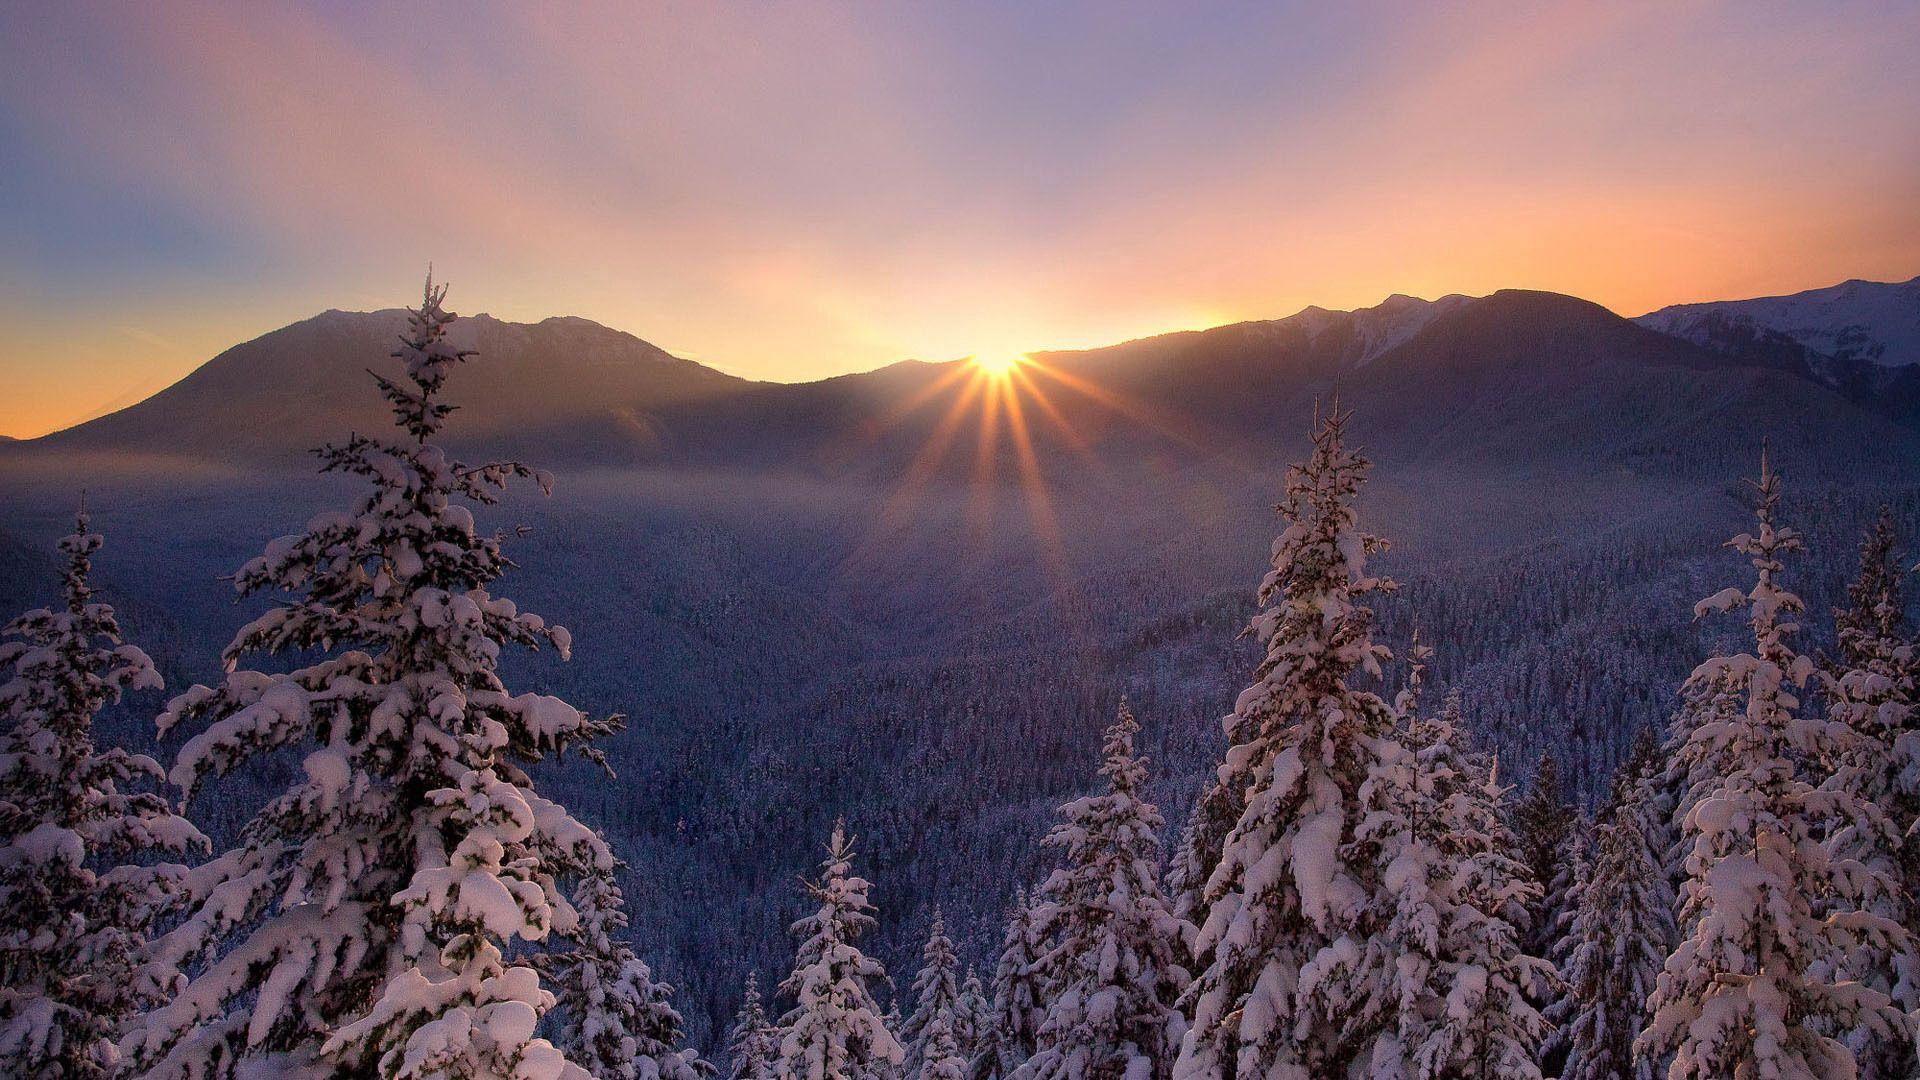 137660 скачать обои Снег, Природа, Мороз, Закат, Лесогорье, Красивый, Зима, Елки - заставки и картинки бесплатно